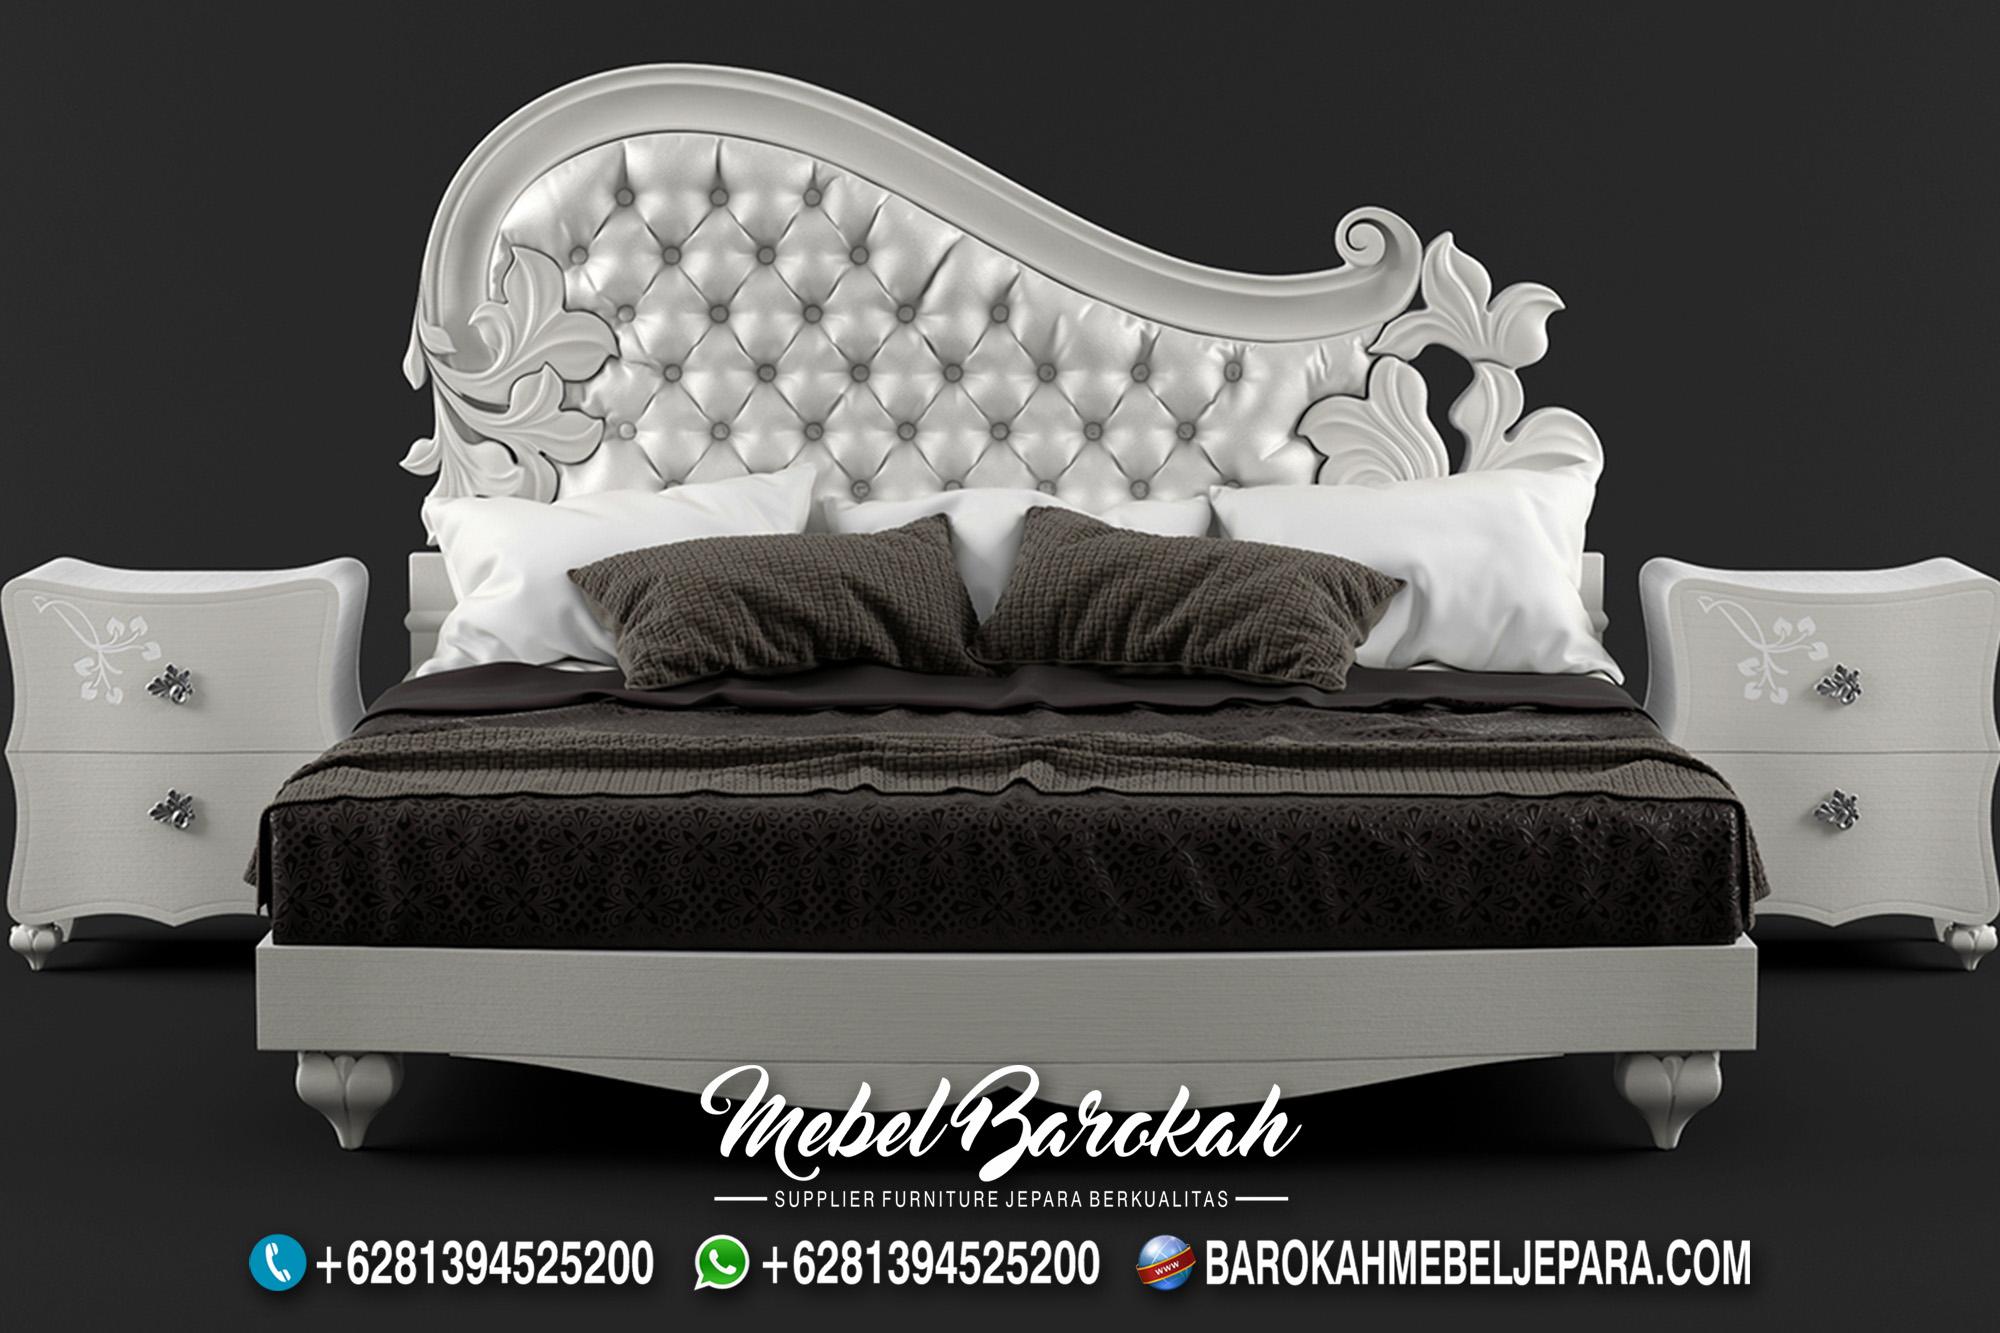 Jual Tempat Tidur Jepara Elegan White Colour Terbaik MB-621